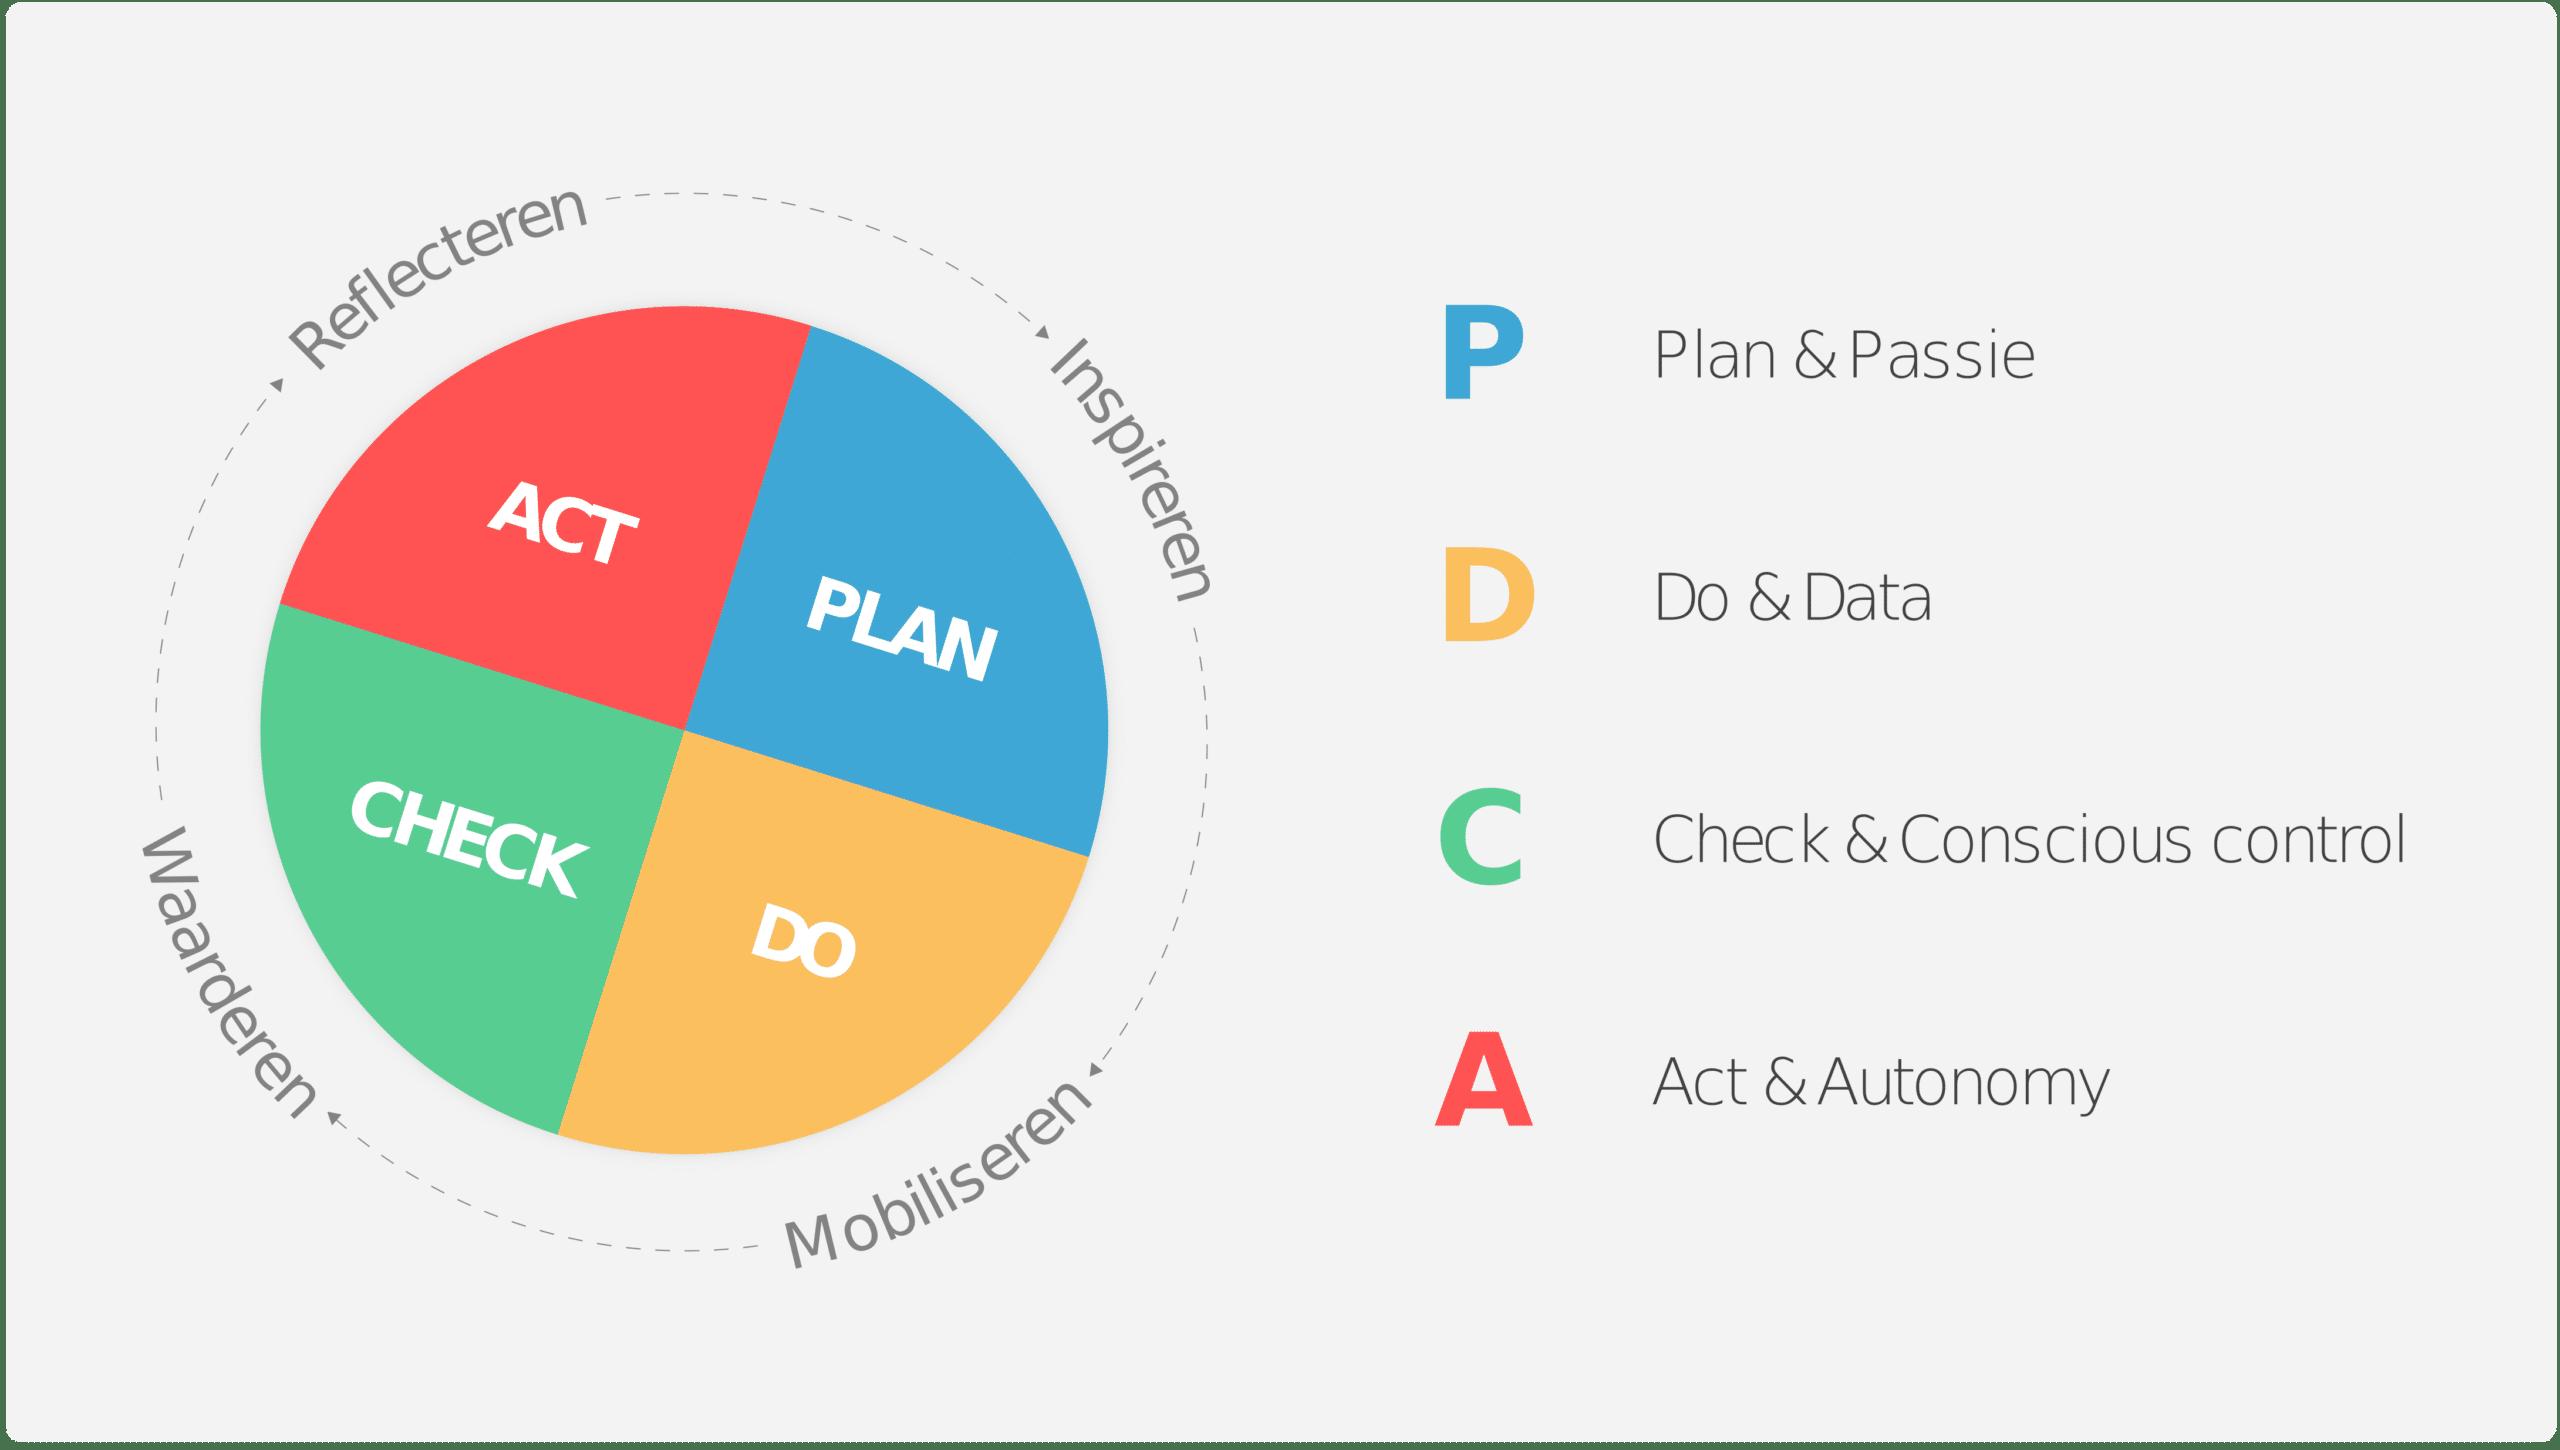 datacratische pdca-cyclus uitgelegd